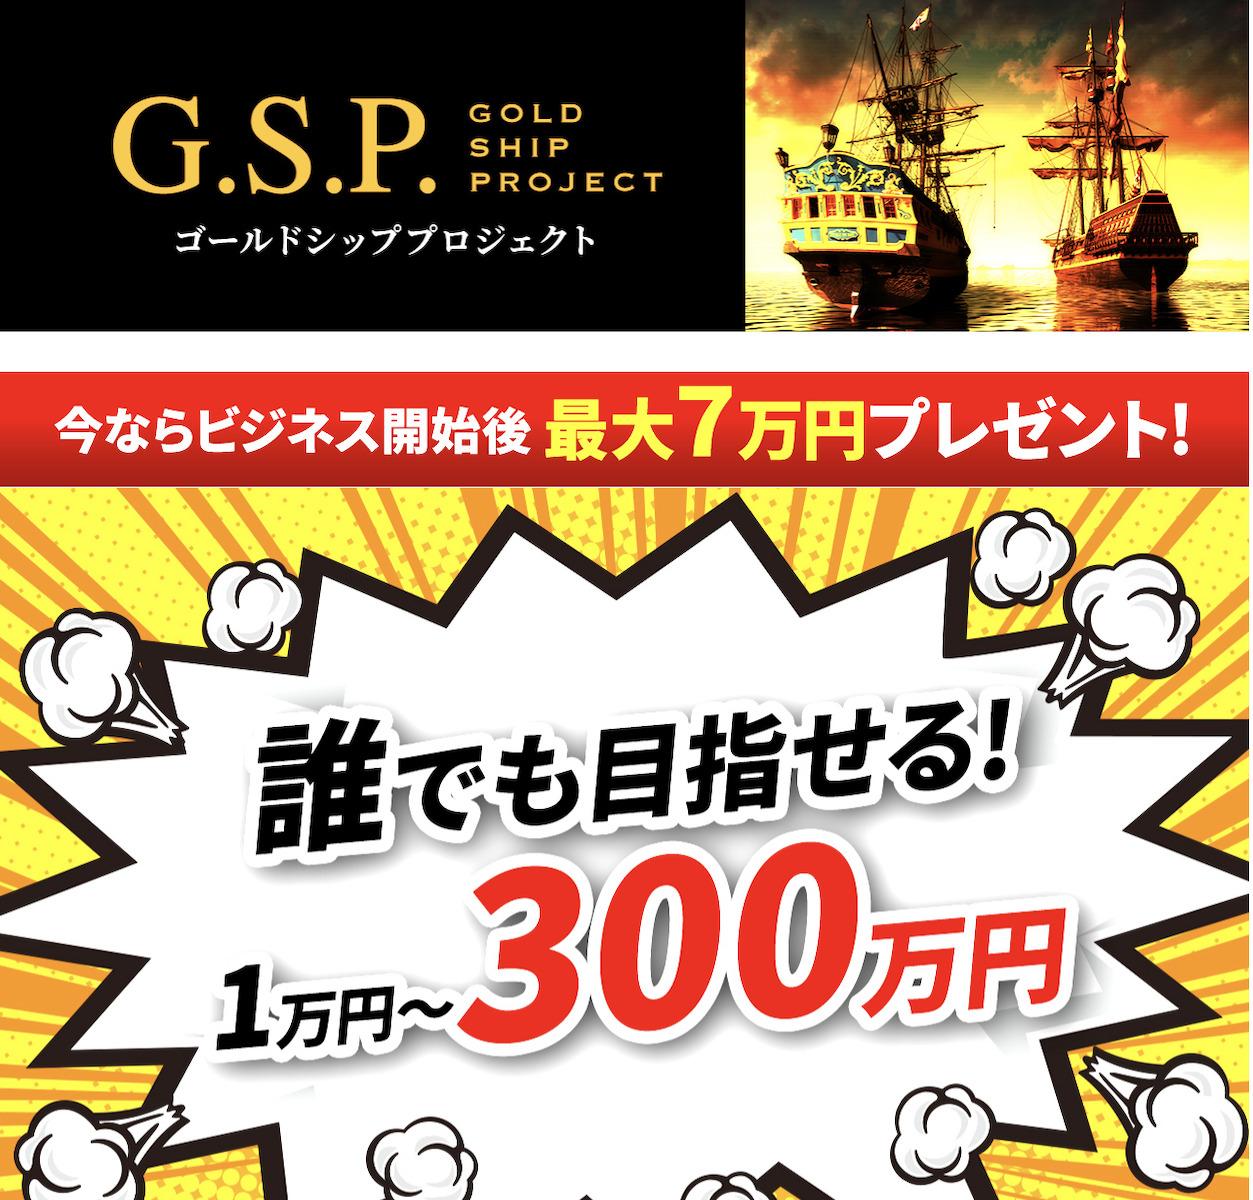 【G.S.P】ゴールドシッププロジェクト画像1